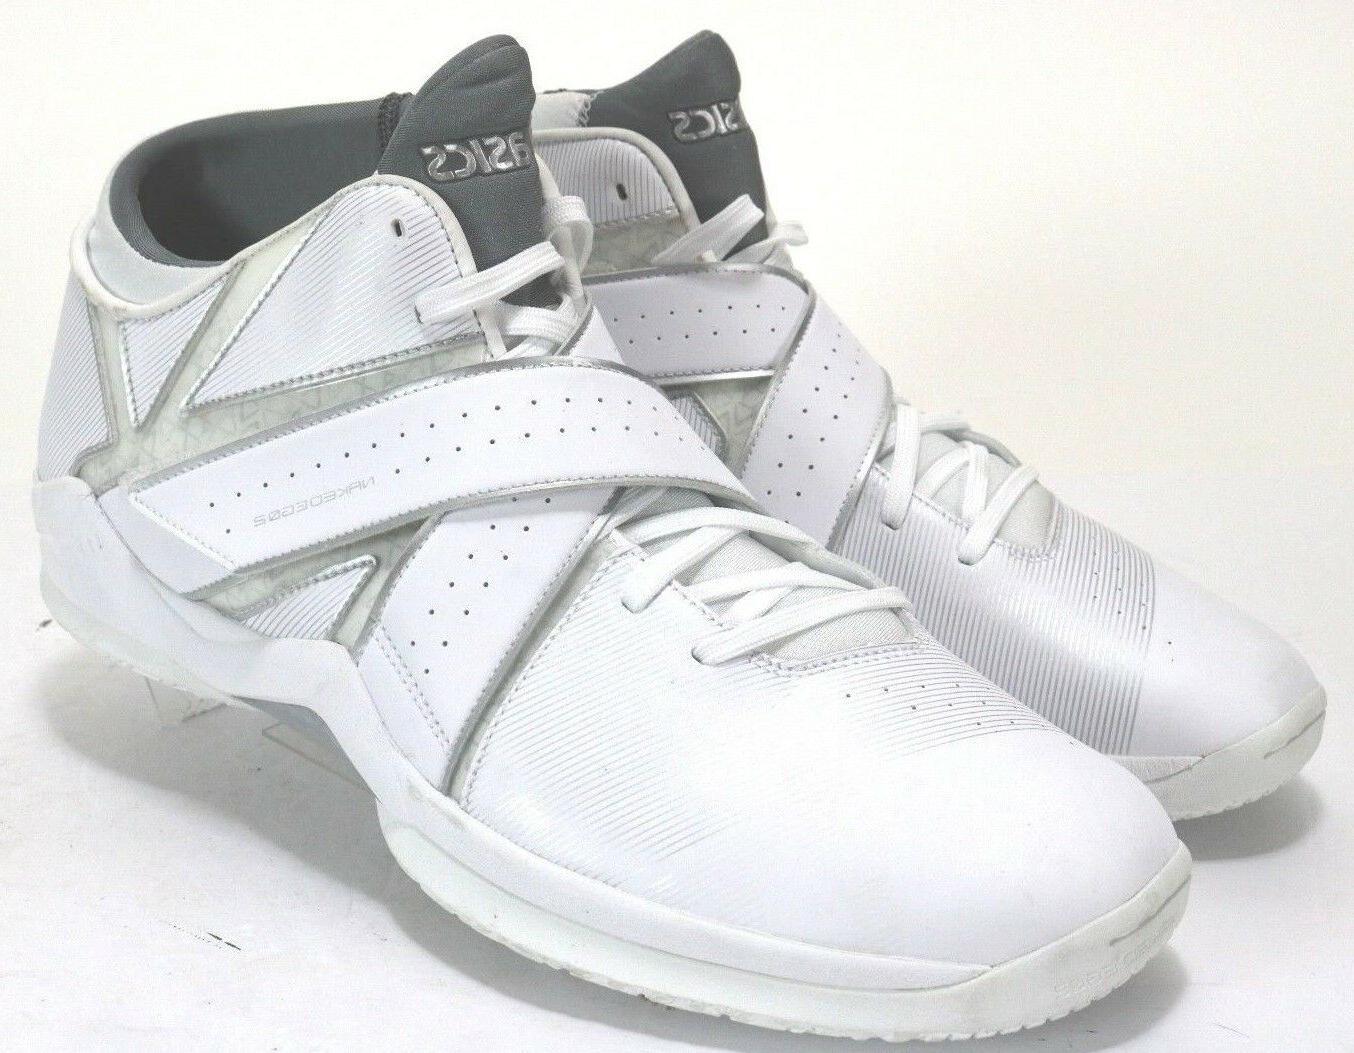 Asics NEW Naked EG02 $120 Men's High-Tops Basketball Shoes S